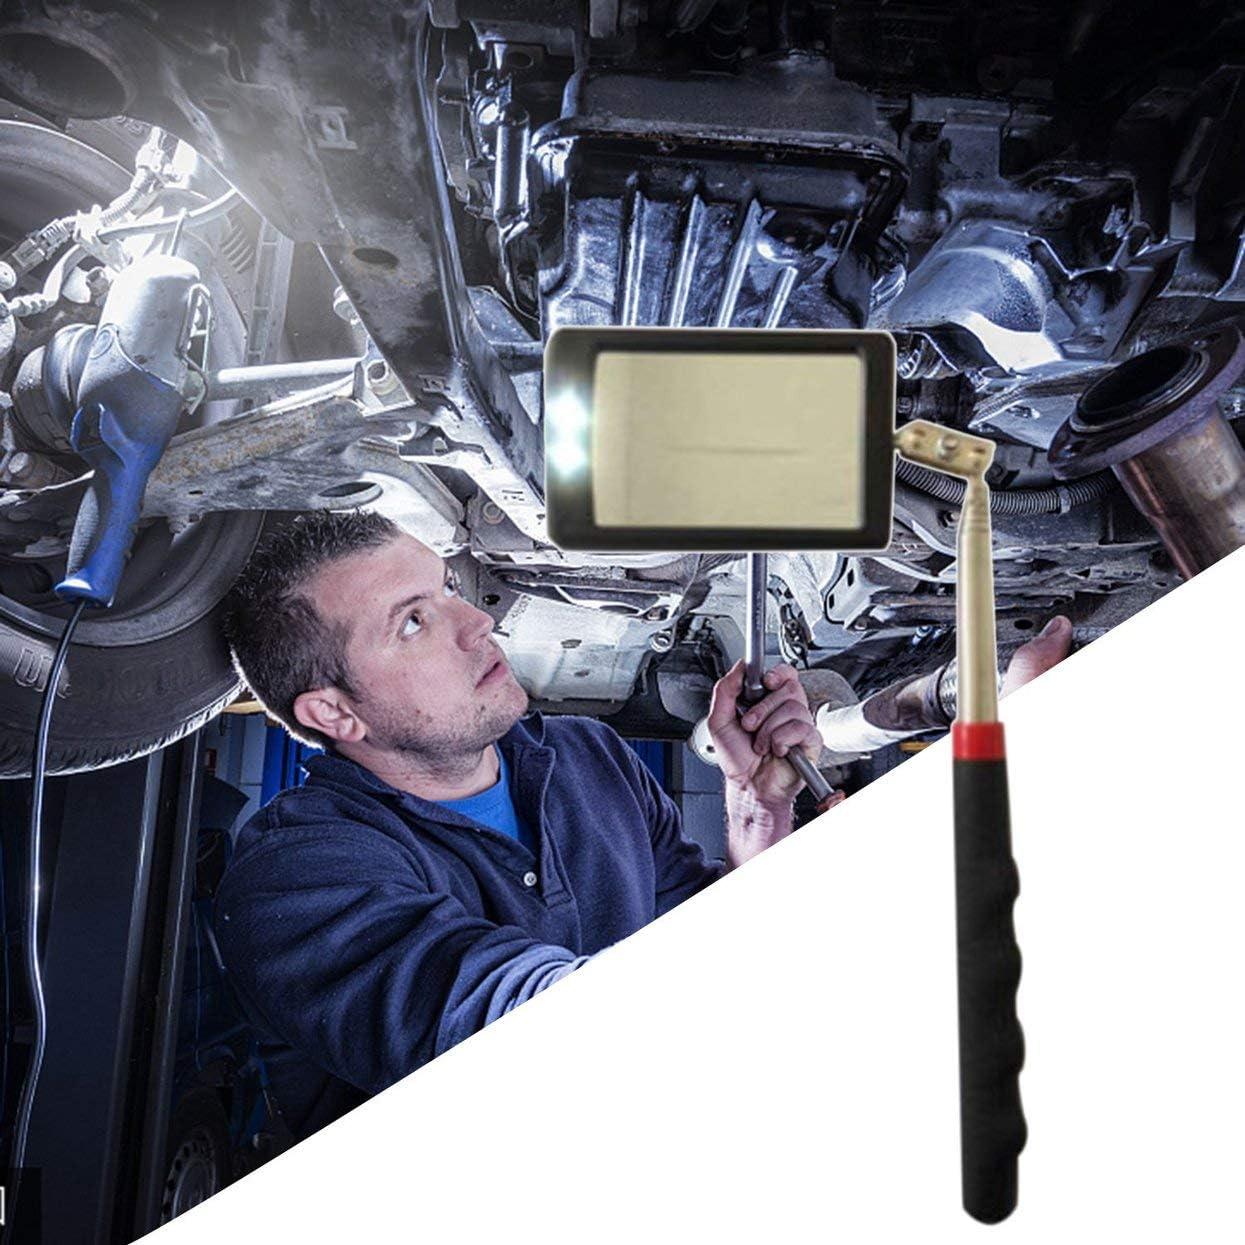 Tree-on-Life Espejo de inspecci/ón telesc/ópico con LED 360 Giratorio para visualizaci/ón Adicional Veh/ículo telesc/ópico /útil Accesorios